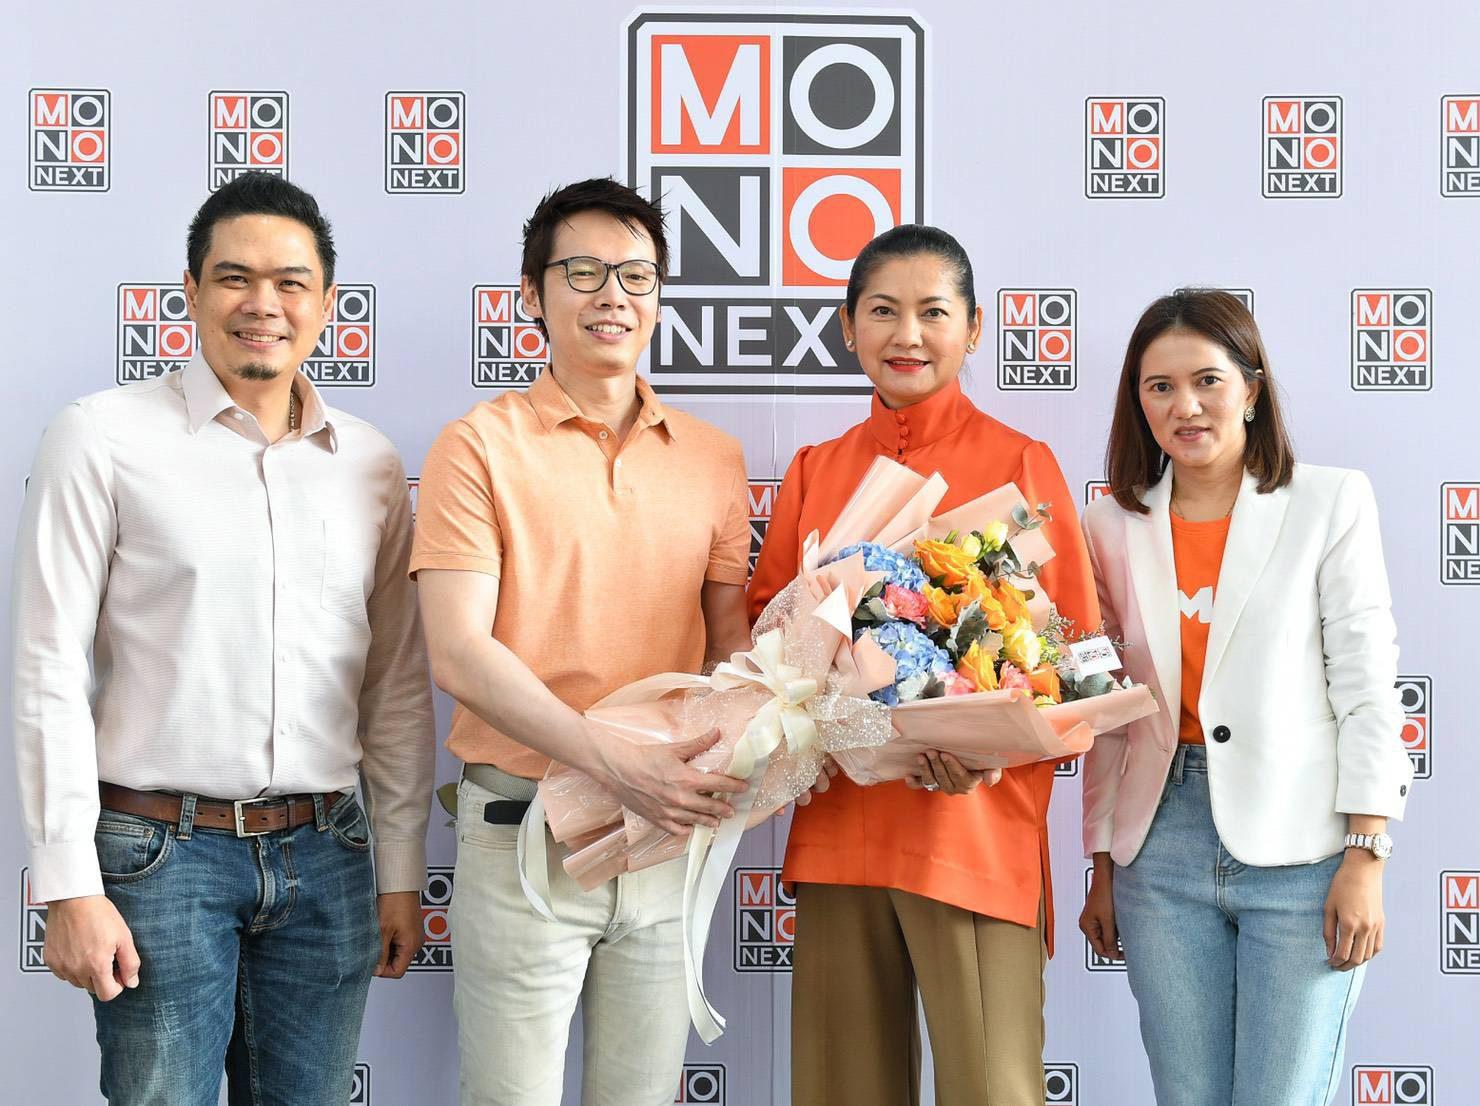 บริษัท โมโน เน็กซ์ จำกัด (มหาชน) ต้อนรับผู้บริหาร คุณแดง-ธัญญา วชิรบรรจง